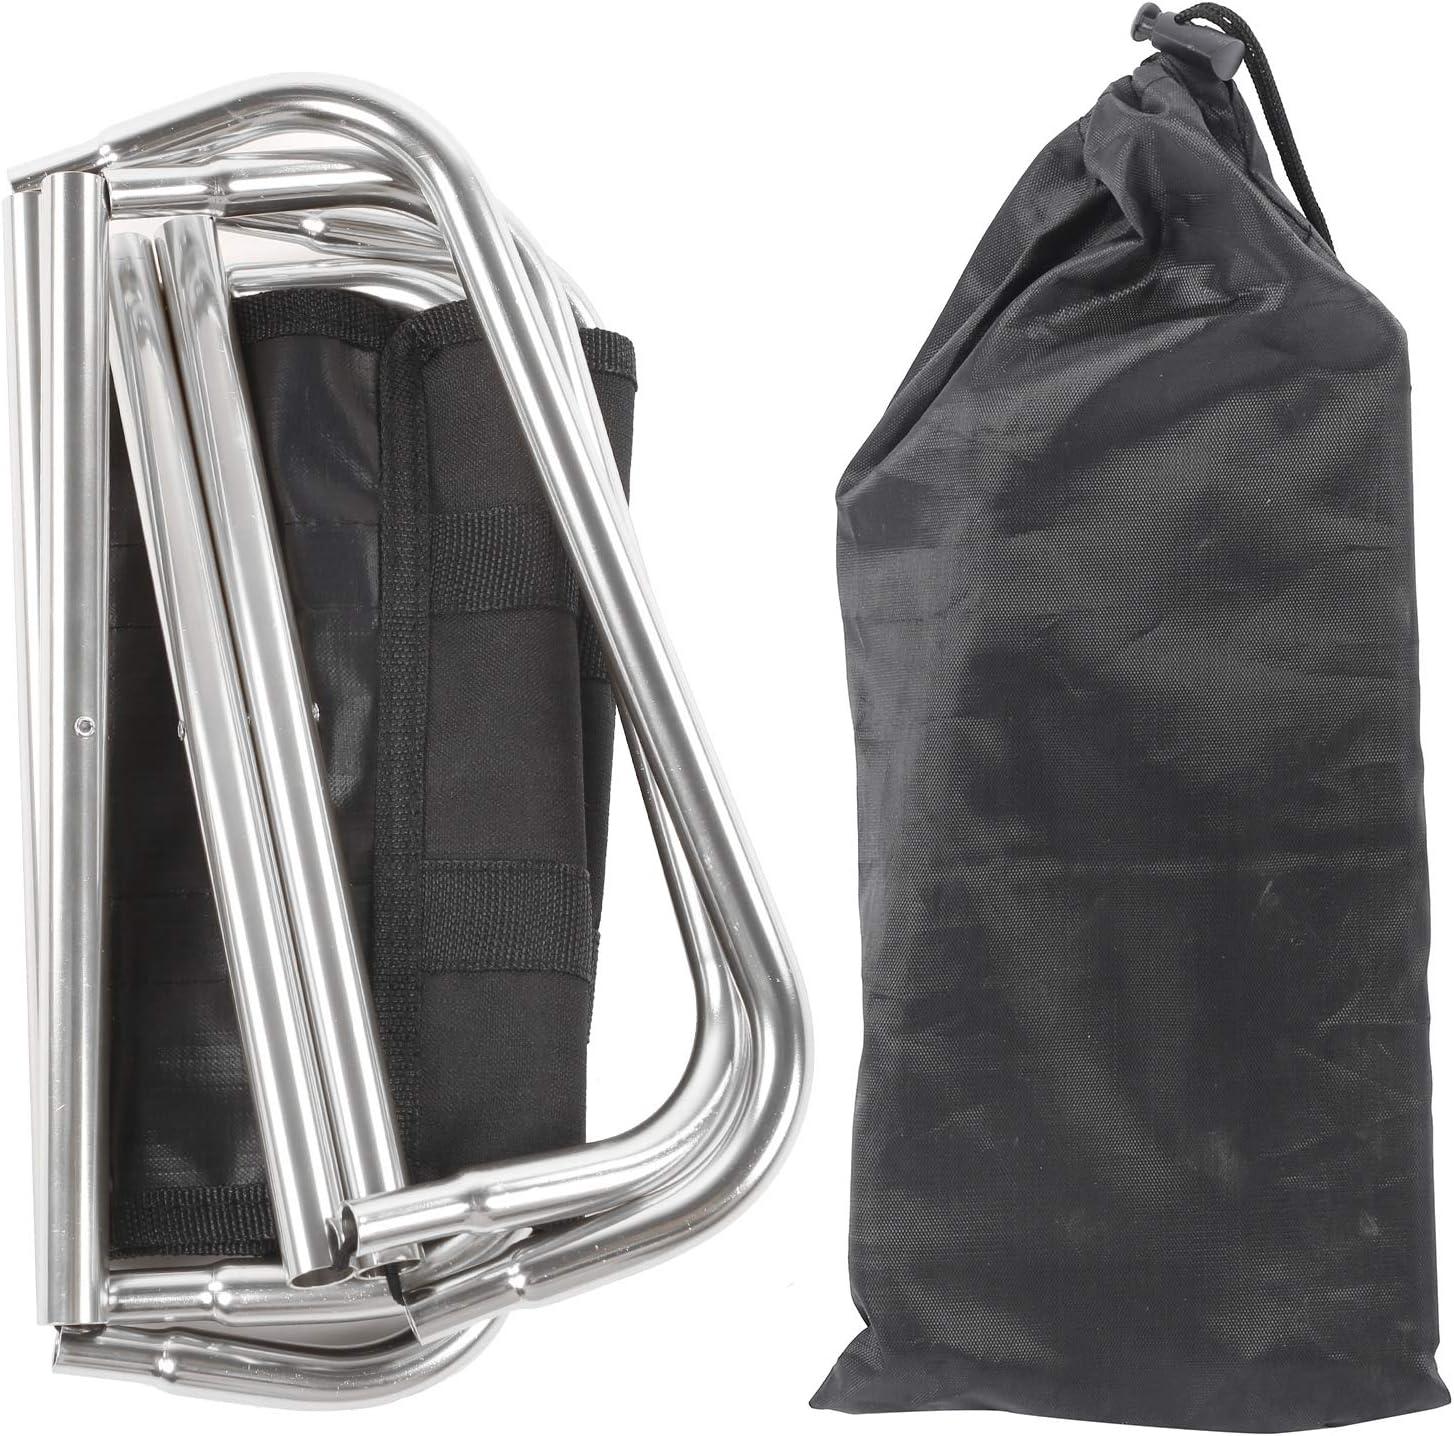 ohcoolstule Mini Folding Stool 2021 for Arlington Mall Portable Used